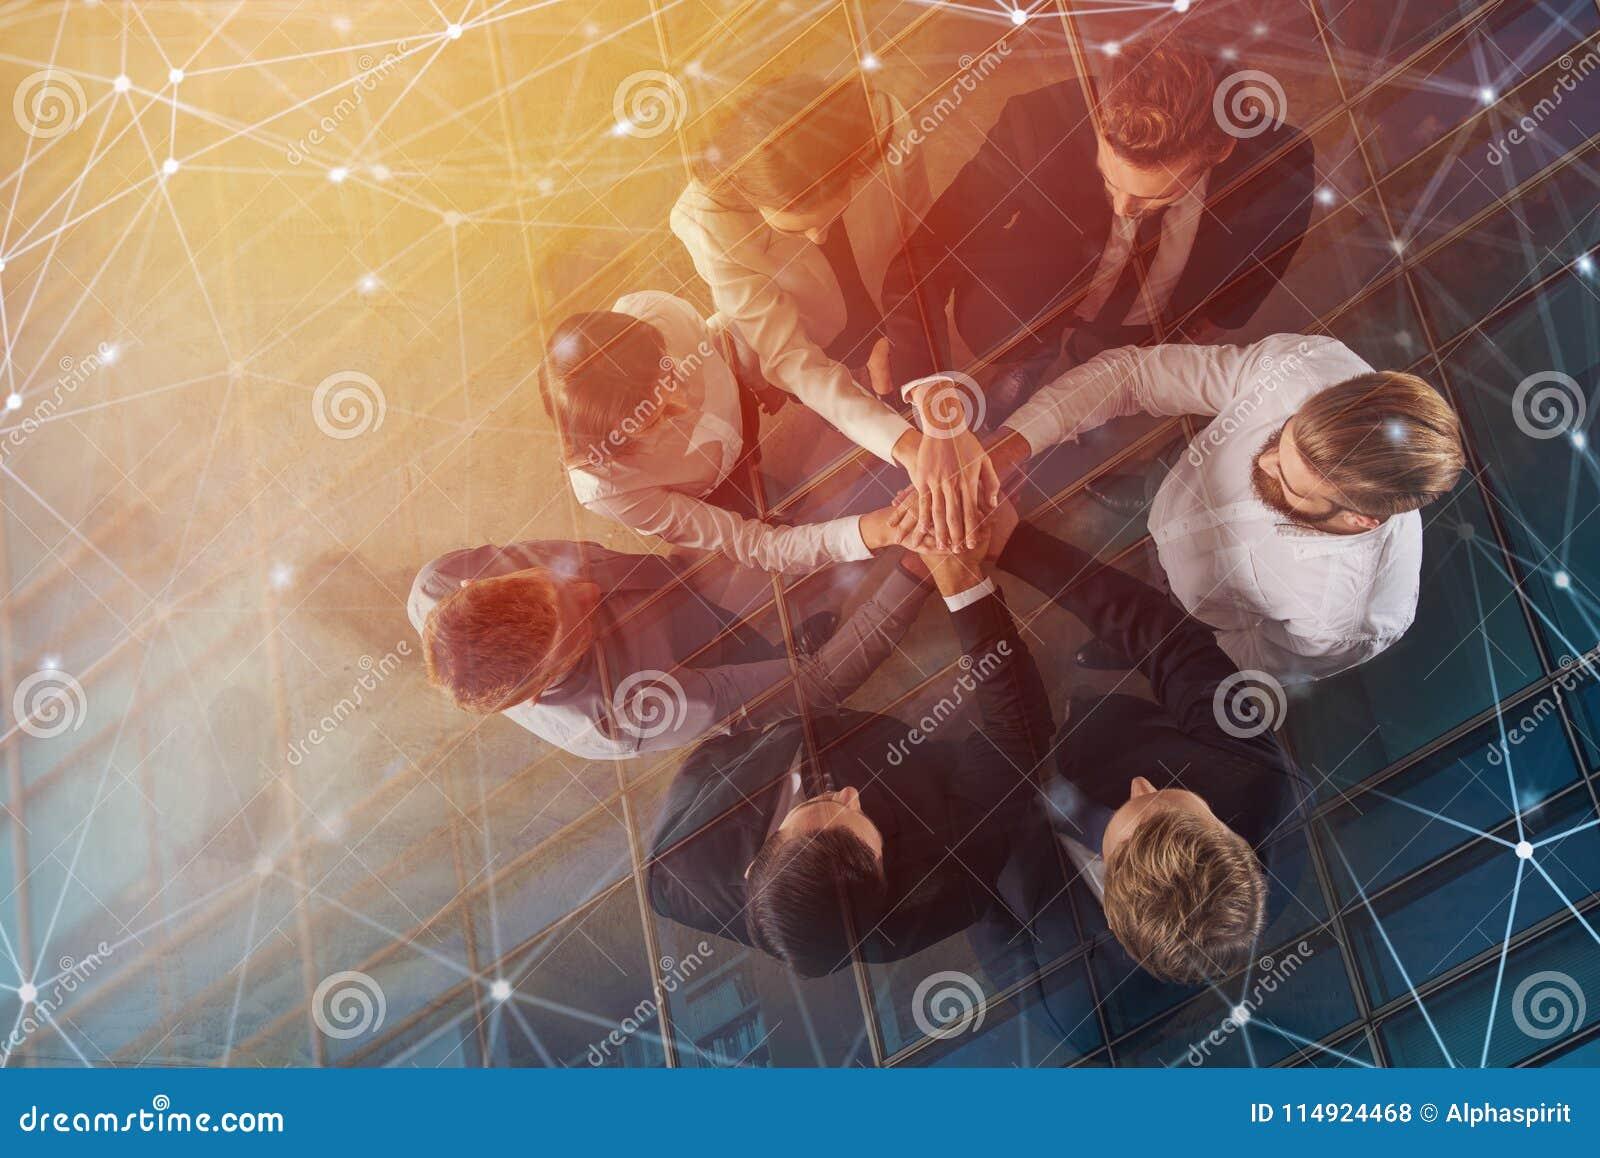 Hombres de negocios que ponen sus manos así como efectos del Internet Concepto de integración, trabajo en equipo y